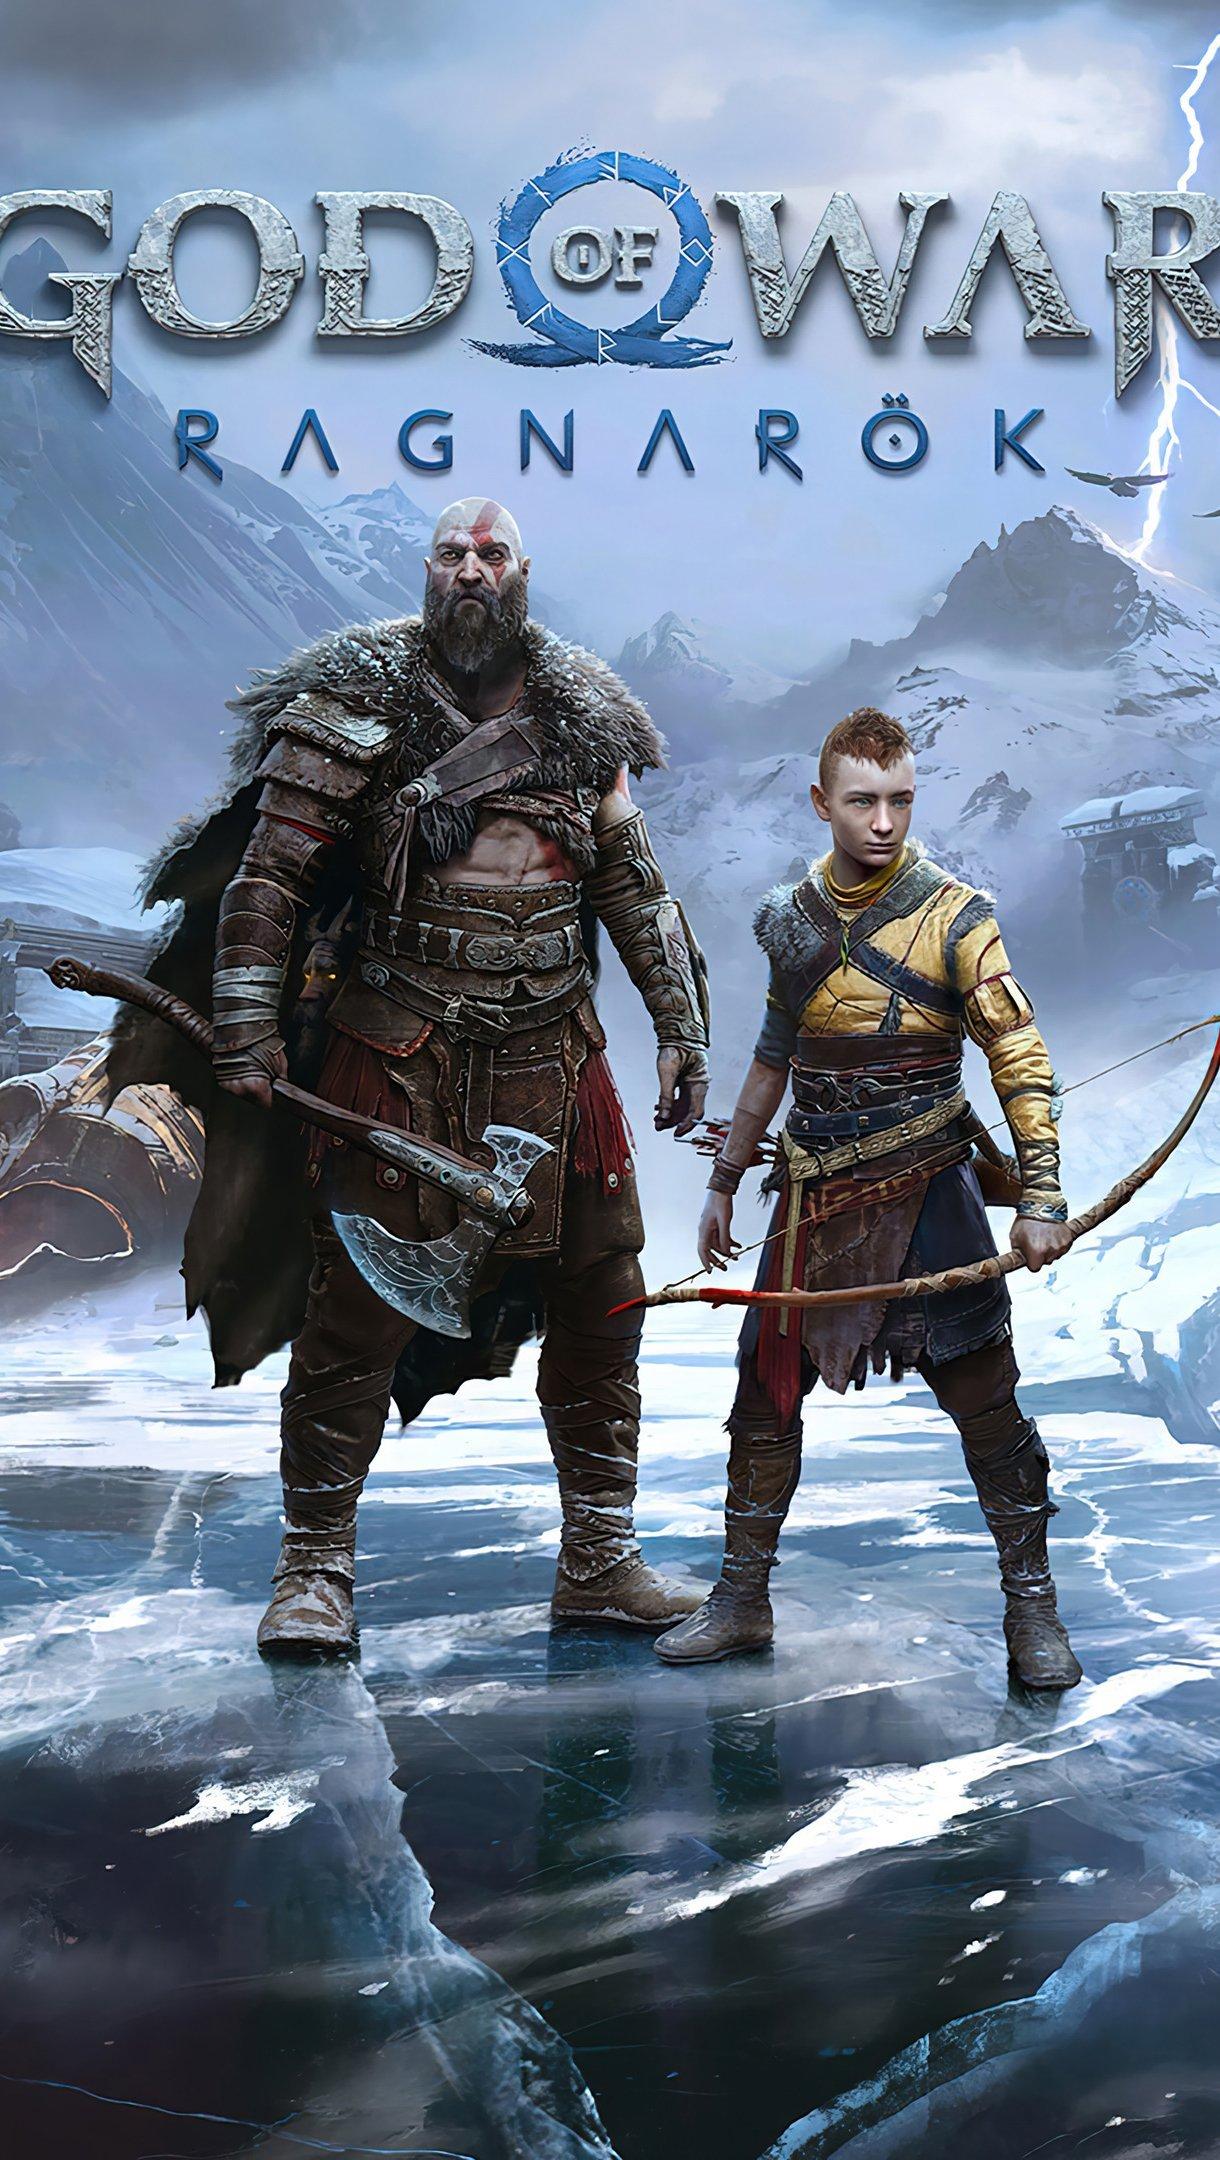 Fondos de pantalla Personajes de God of War Ragnrok Vertical